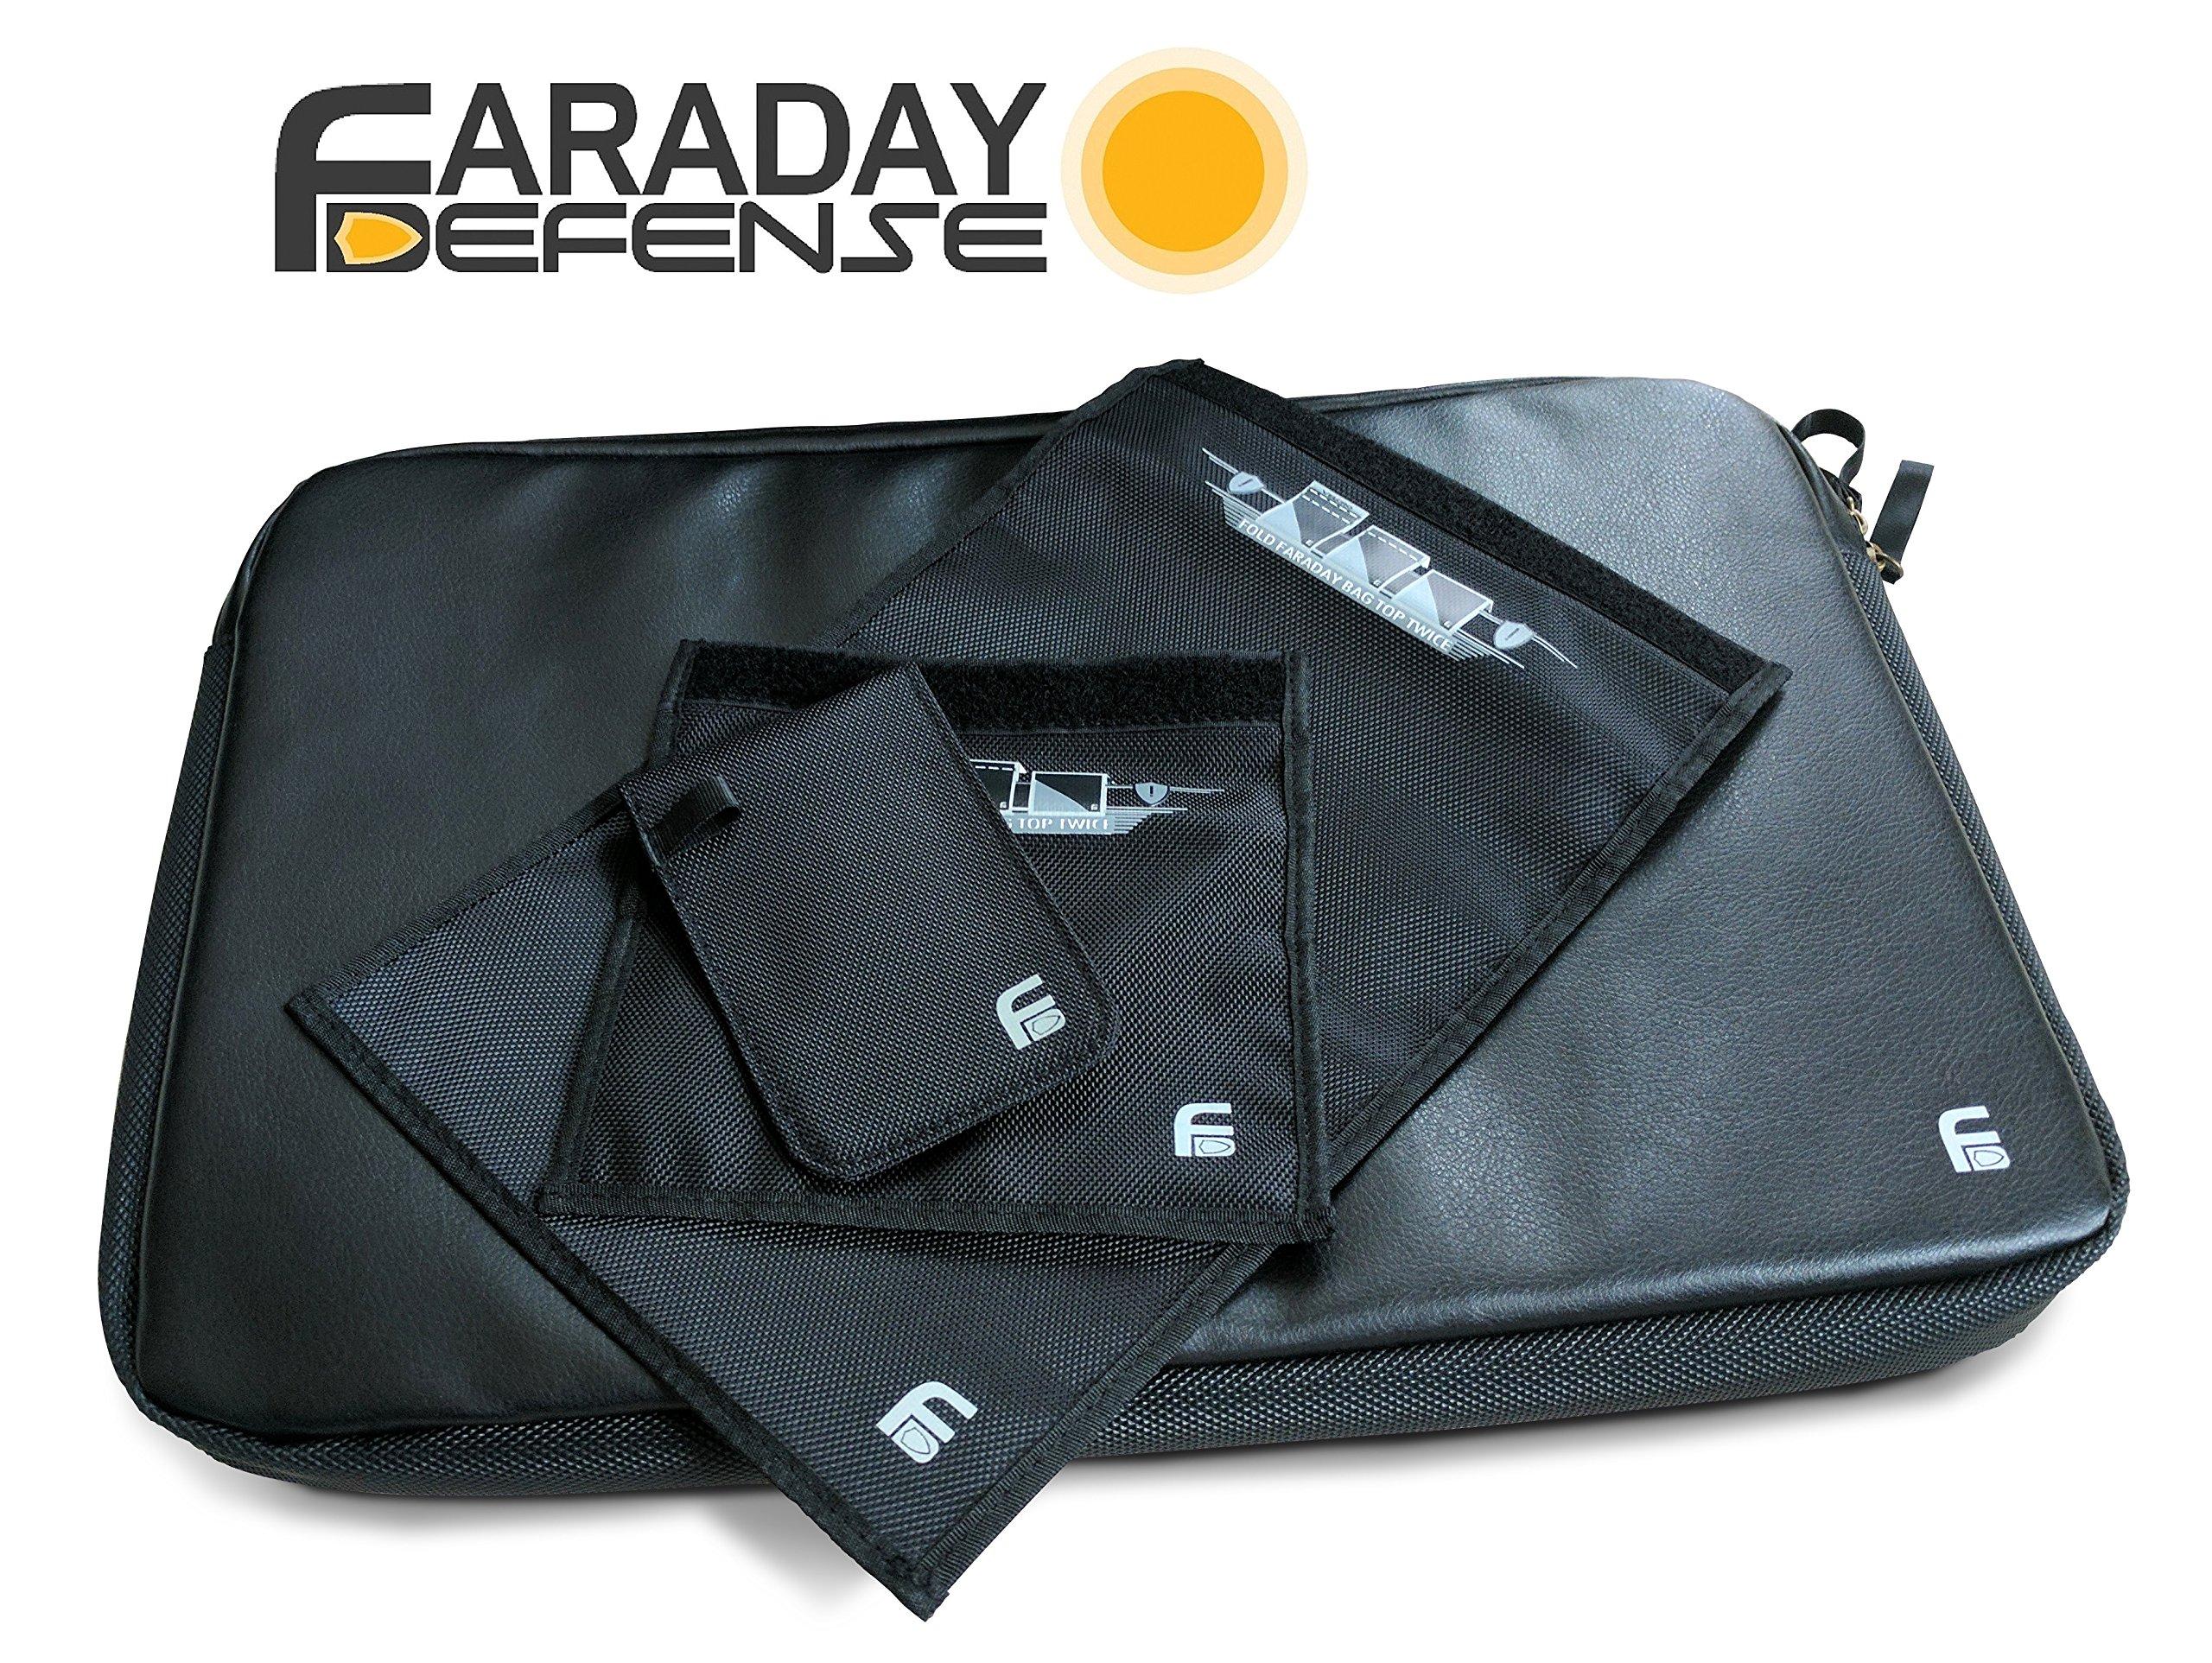 Faraday Defense Laptop, Forensic Bag Kit